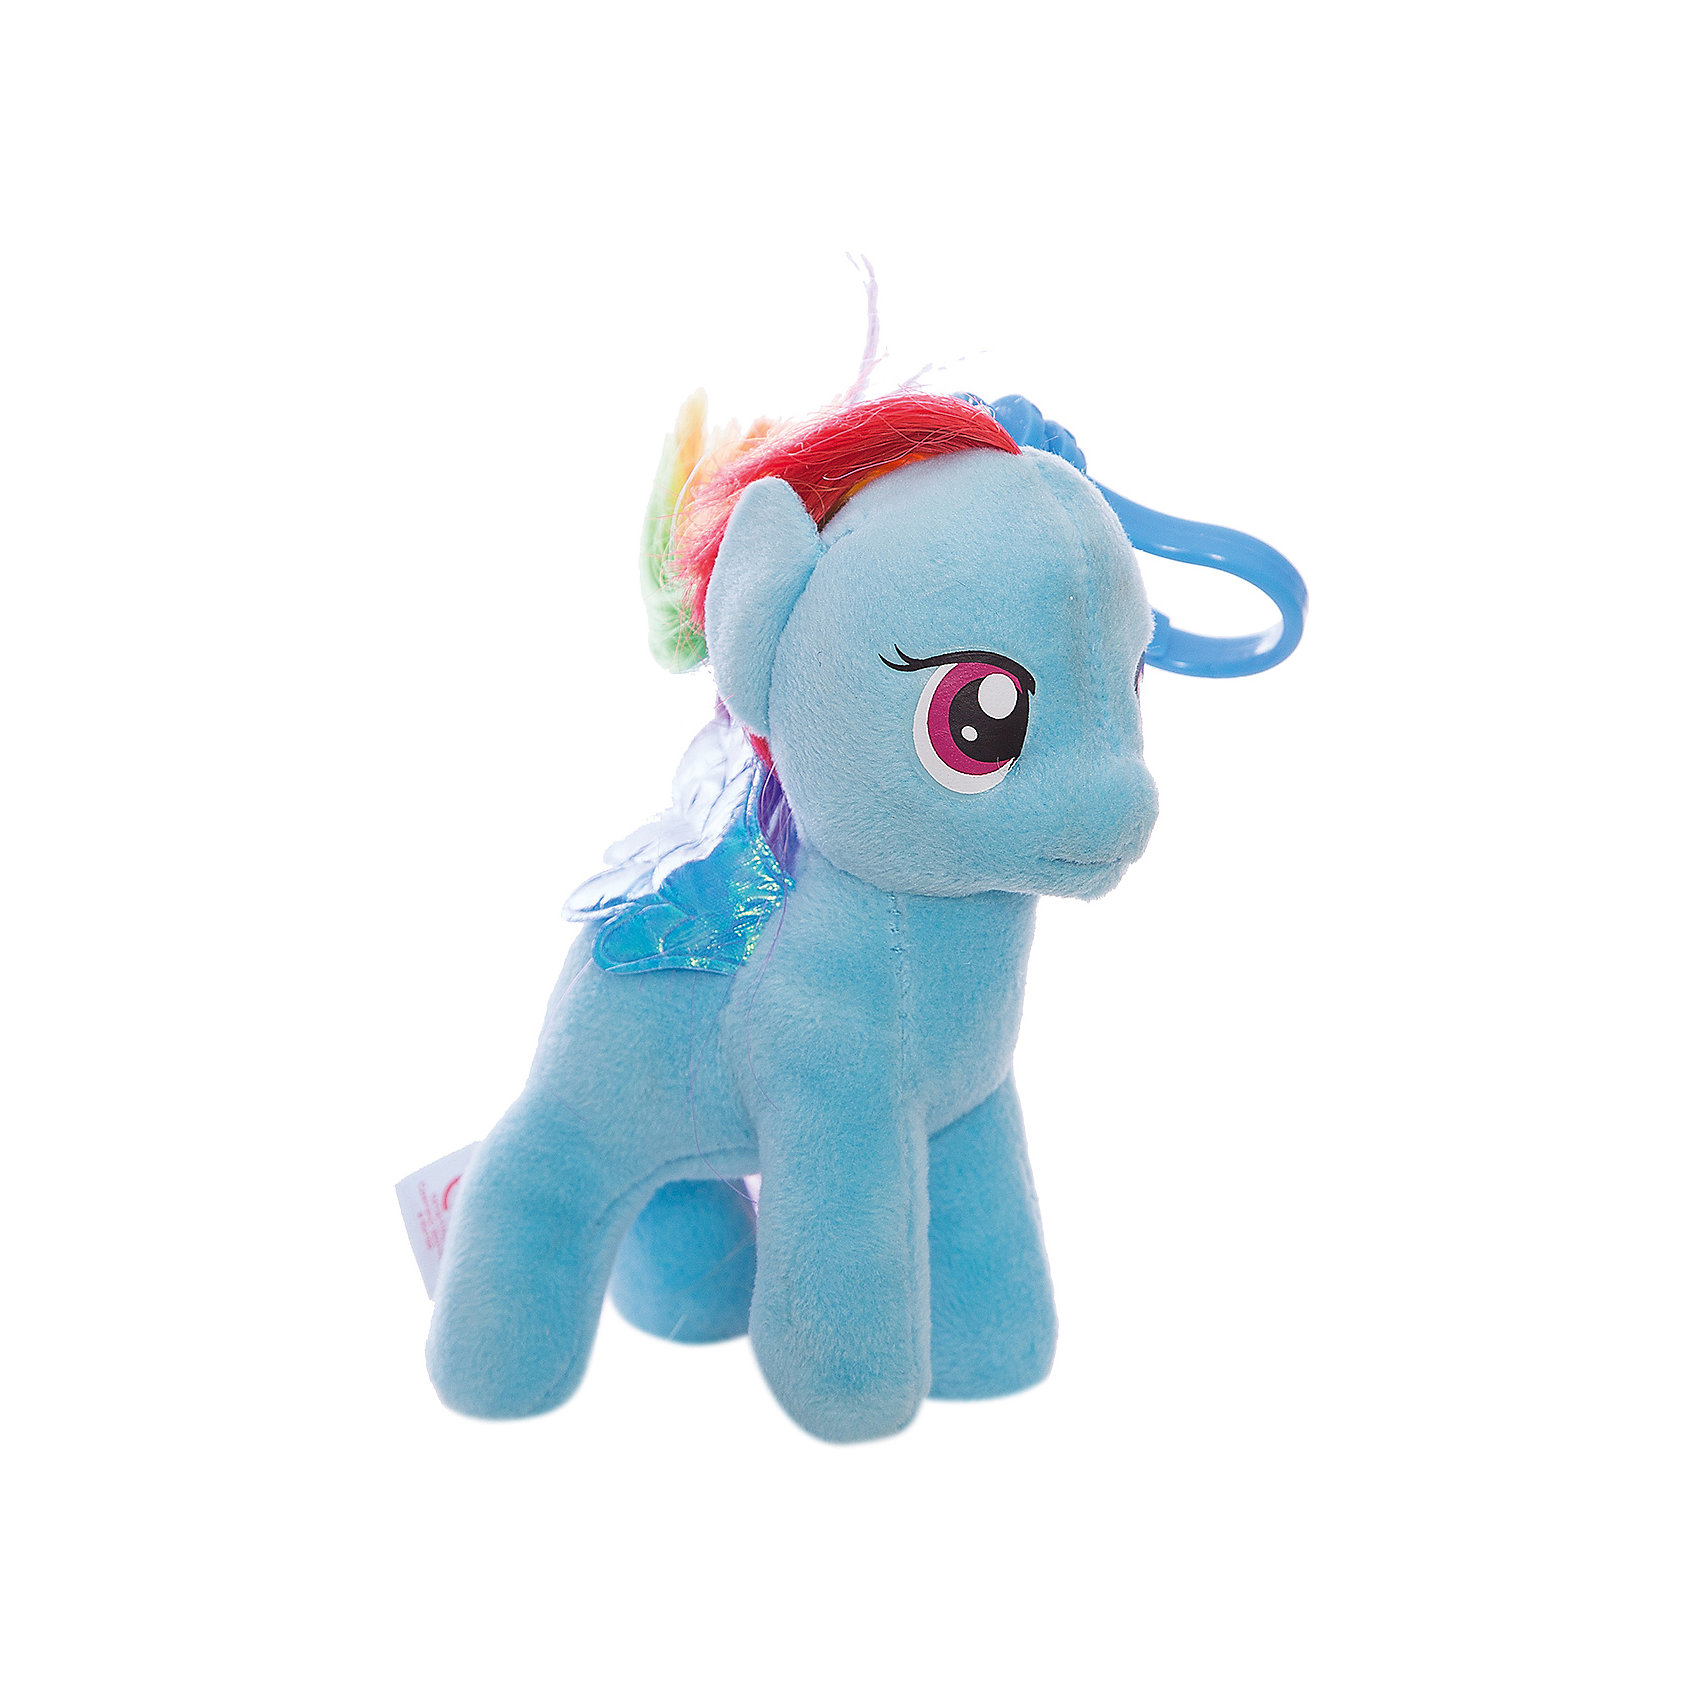 Пони Радуга Дэш, на брелке, My Little Pony, TyМаленькие девочки очень любят животных. Особенно любят лошадей. Для маленькой девочки нужна и маленькая лошадка. Такой лошадкой является пони. Вашей дочке обязательно понравится голубенькая малышка: Pony Rainbow Dash  (Пони Радуга Дэш), которая станет новой любимицей ребенка. Чудесная милая Пони имеет яркую красивую раскраску. Большие выразительные глаза пони смотрят с такой трогательной добротой, что так и хочется взять игрушку  на руки и заботиться об этой малютке. Мягкая игрушка оснащена удобным карабином, при помощи которого ее можно прикрепить к сумочке или к рюкзаку, чтобы никогда не расставаться!<br><br>Дополнительная информация:<br><br>- Игрушка развивает: тактильные навыки, зрительную координацию, мелкую моторику рук;<br>- Идеальный подарок для любителей серии: My Little Pony (Моя Маленькая Пони);<br>- Материалы не вызовут аллергии у Вашего малыша;<br>- Игрушка оснащена карабином, для крепления к сумочке;<br>- Яркие и стойкие цвета приятны для глаз;<br>- Материал: плюш, пластик;<br>- Высота игрушки: 15 см<br><br>Pony Rainbow Dash  (Пони Радуга Дэш), 15 см, My Little Pony, Ty можно купить в нашем интернет-магазине.<br><br>Ширина мм: 150<br>Глубина мм: 150<br>Высота мм: 152<br>Вес г: 30<br>Возраст от месяцев: 36<br>Возраст до месяцев: 120<br>Пол: Унисекс<br>Возраст: Детский<br>SKU: 3676487